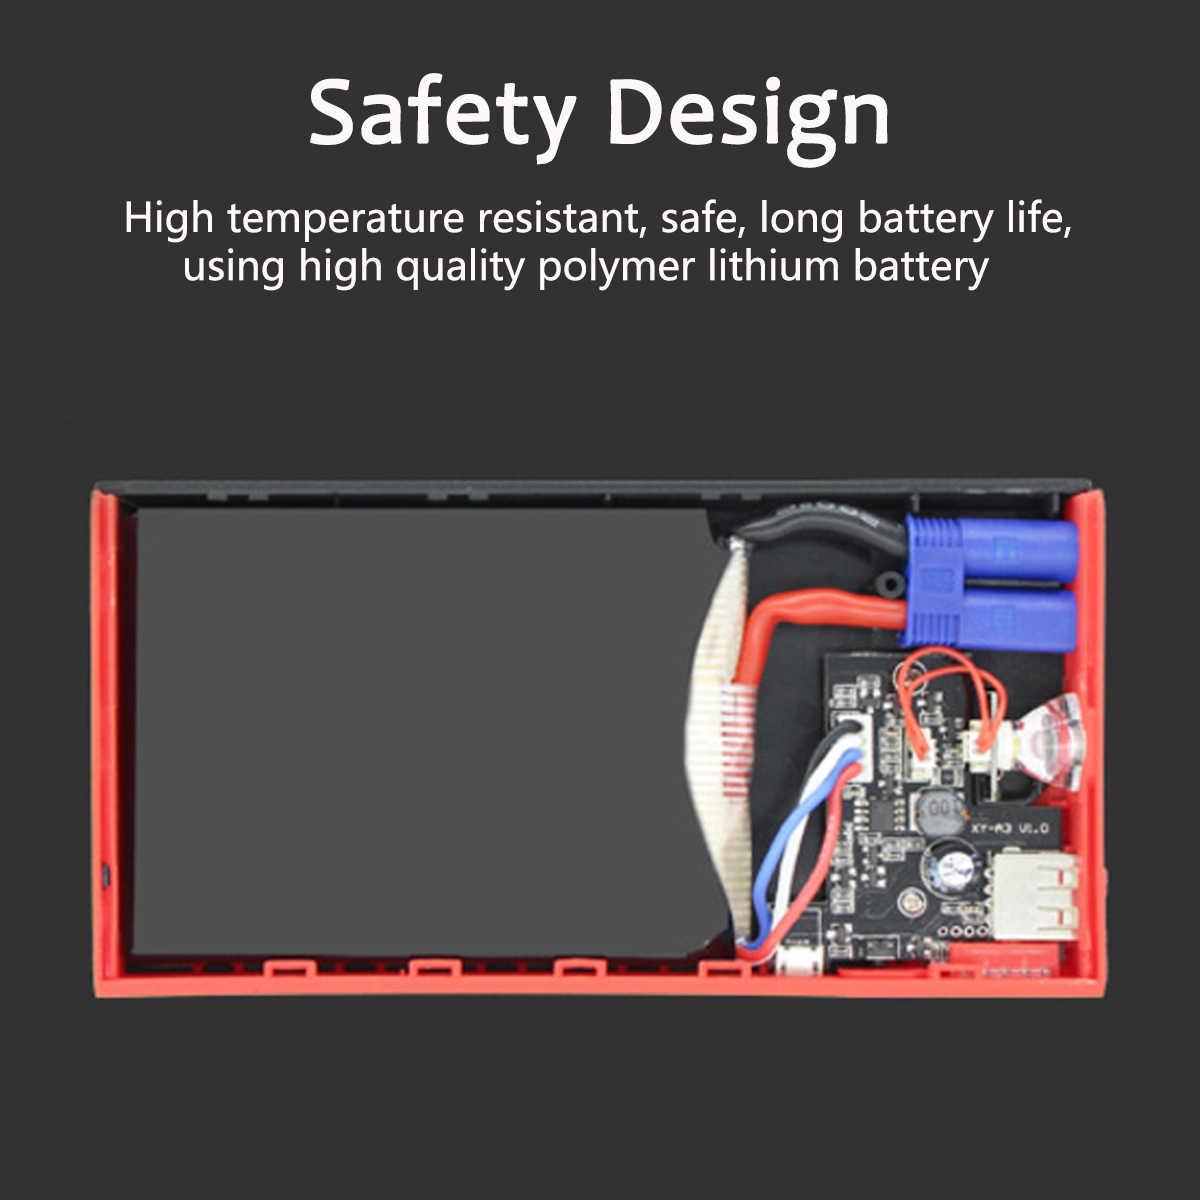 Wielofunkcyjne urządzenie do uruchamiania awaryjnego samochodu 400A Power Bank 12V USB LED przenośne urządzenie do awaryjnego rozruchu akumulatora samochodowego ładowarka urządzenie zapłonowe